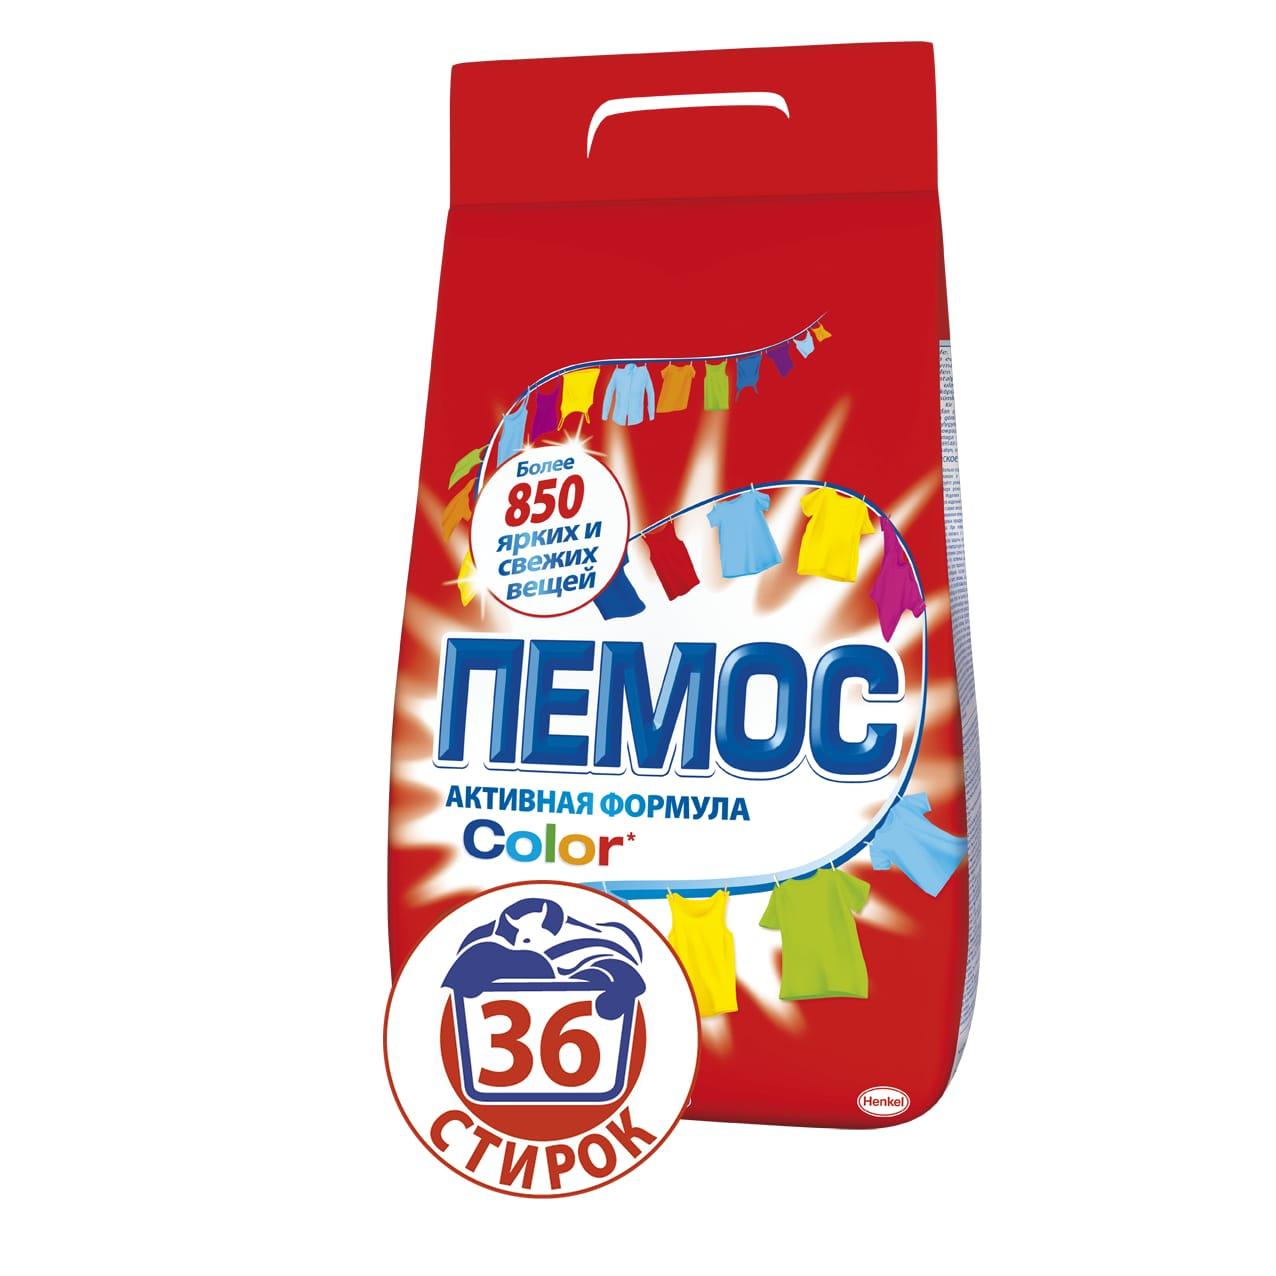 Стиральный порошок Пемос Color, для цветного белья, 5,5 кг106-026Пемос Color - стиральный порошок для стирки цветного белья с эффективной формулой, которая отлично отстирывает различные загрязнения. Проникая между волокнами ткани, он растворяет и удаляет грязь, а содержащиеся специальные компоненты сохраняют цвета ткани яркими. С помощью одной пачки вы сможете отстирать более 850 вещей. Стиральный порошок Пемос Color - стирает много, стоит недорого. Товар сертифицирован.